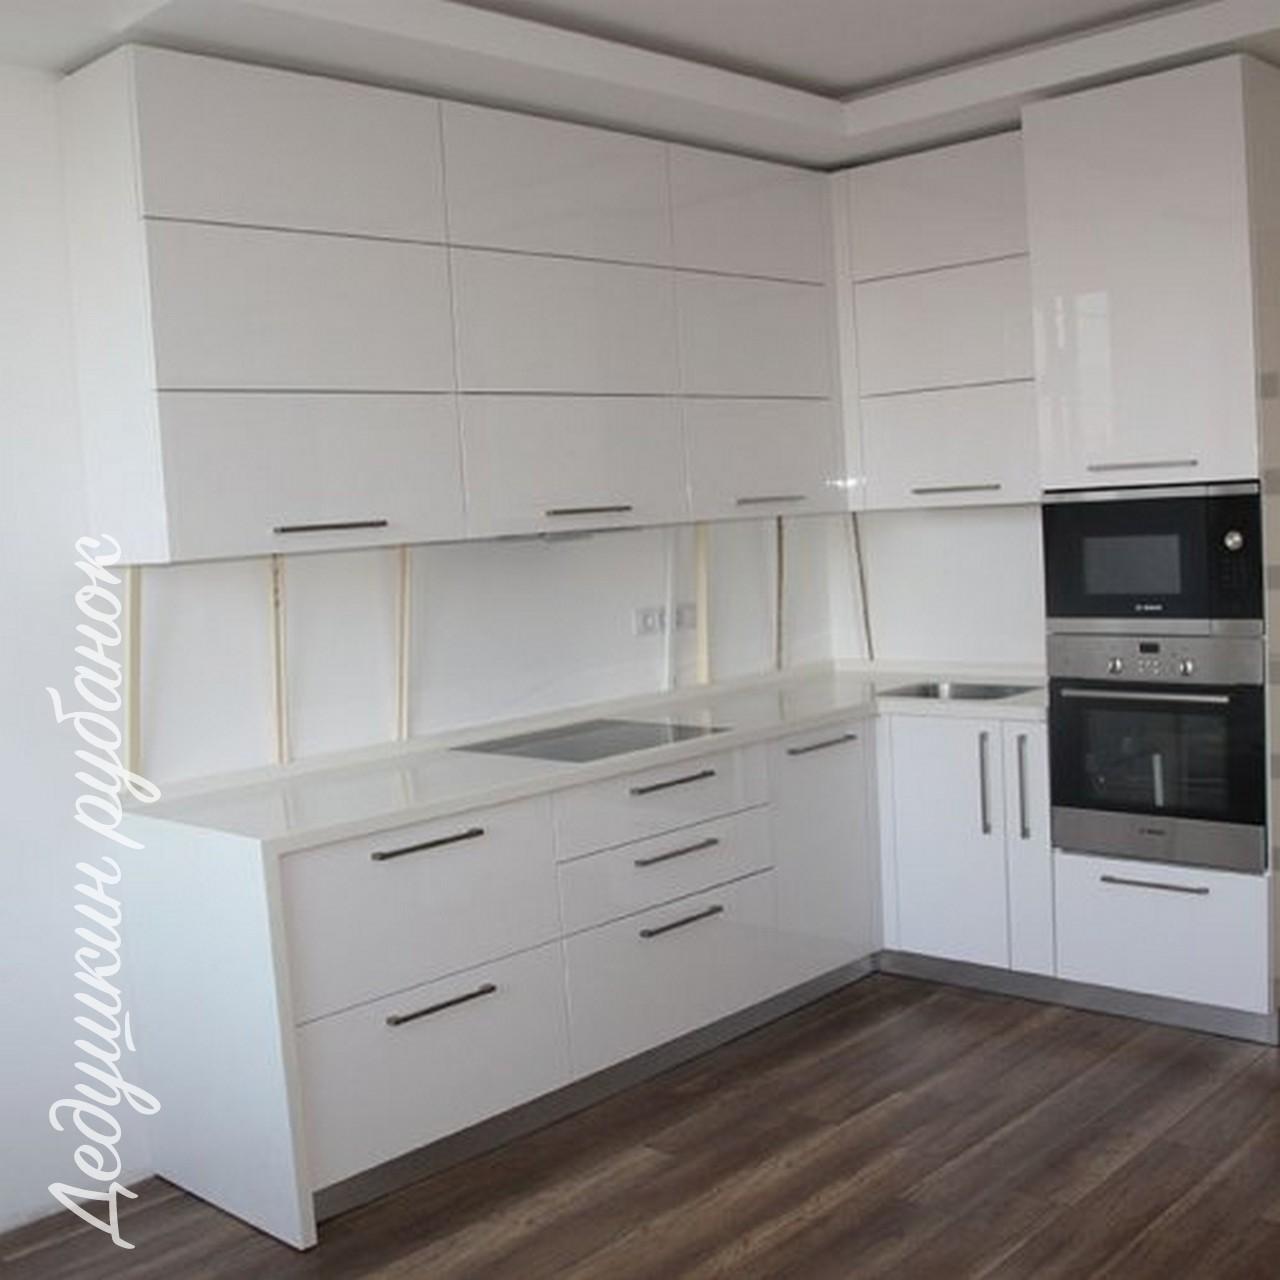 Заказать кухонный гарнитур напрямую от производителя Томск. Современные кухни из МДФ по индивидуальному размеру. Дизайн кухни бесплатно + скидка.